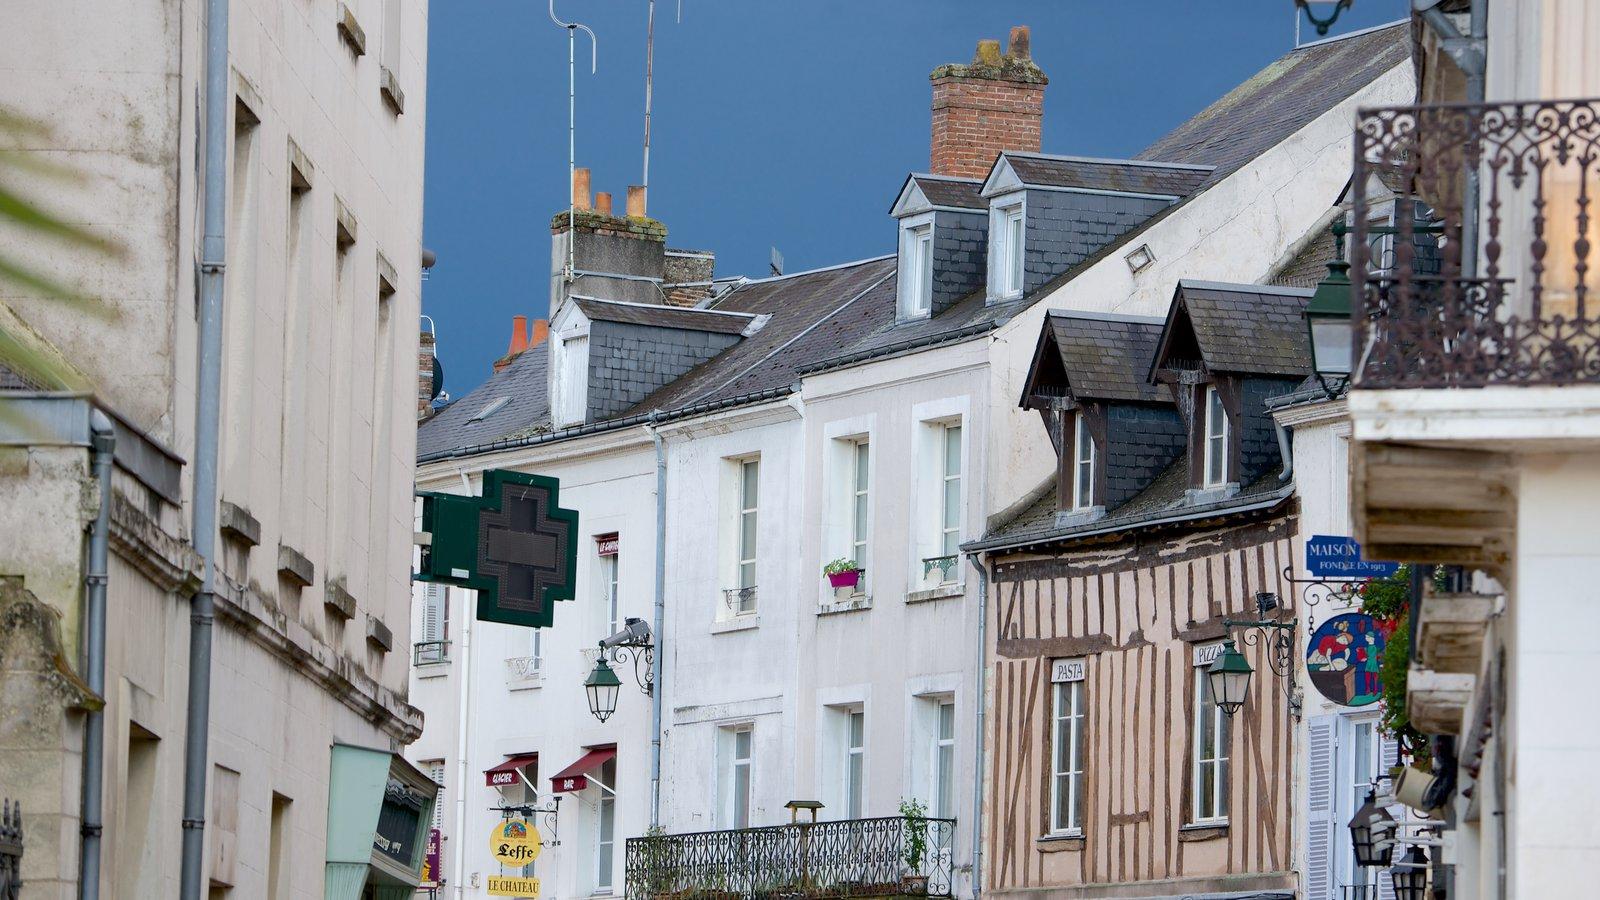 Amboise que inclui elementos de patrimônio e uma cidade pequena ou vila